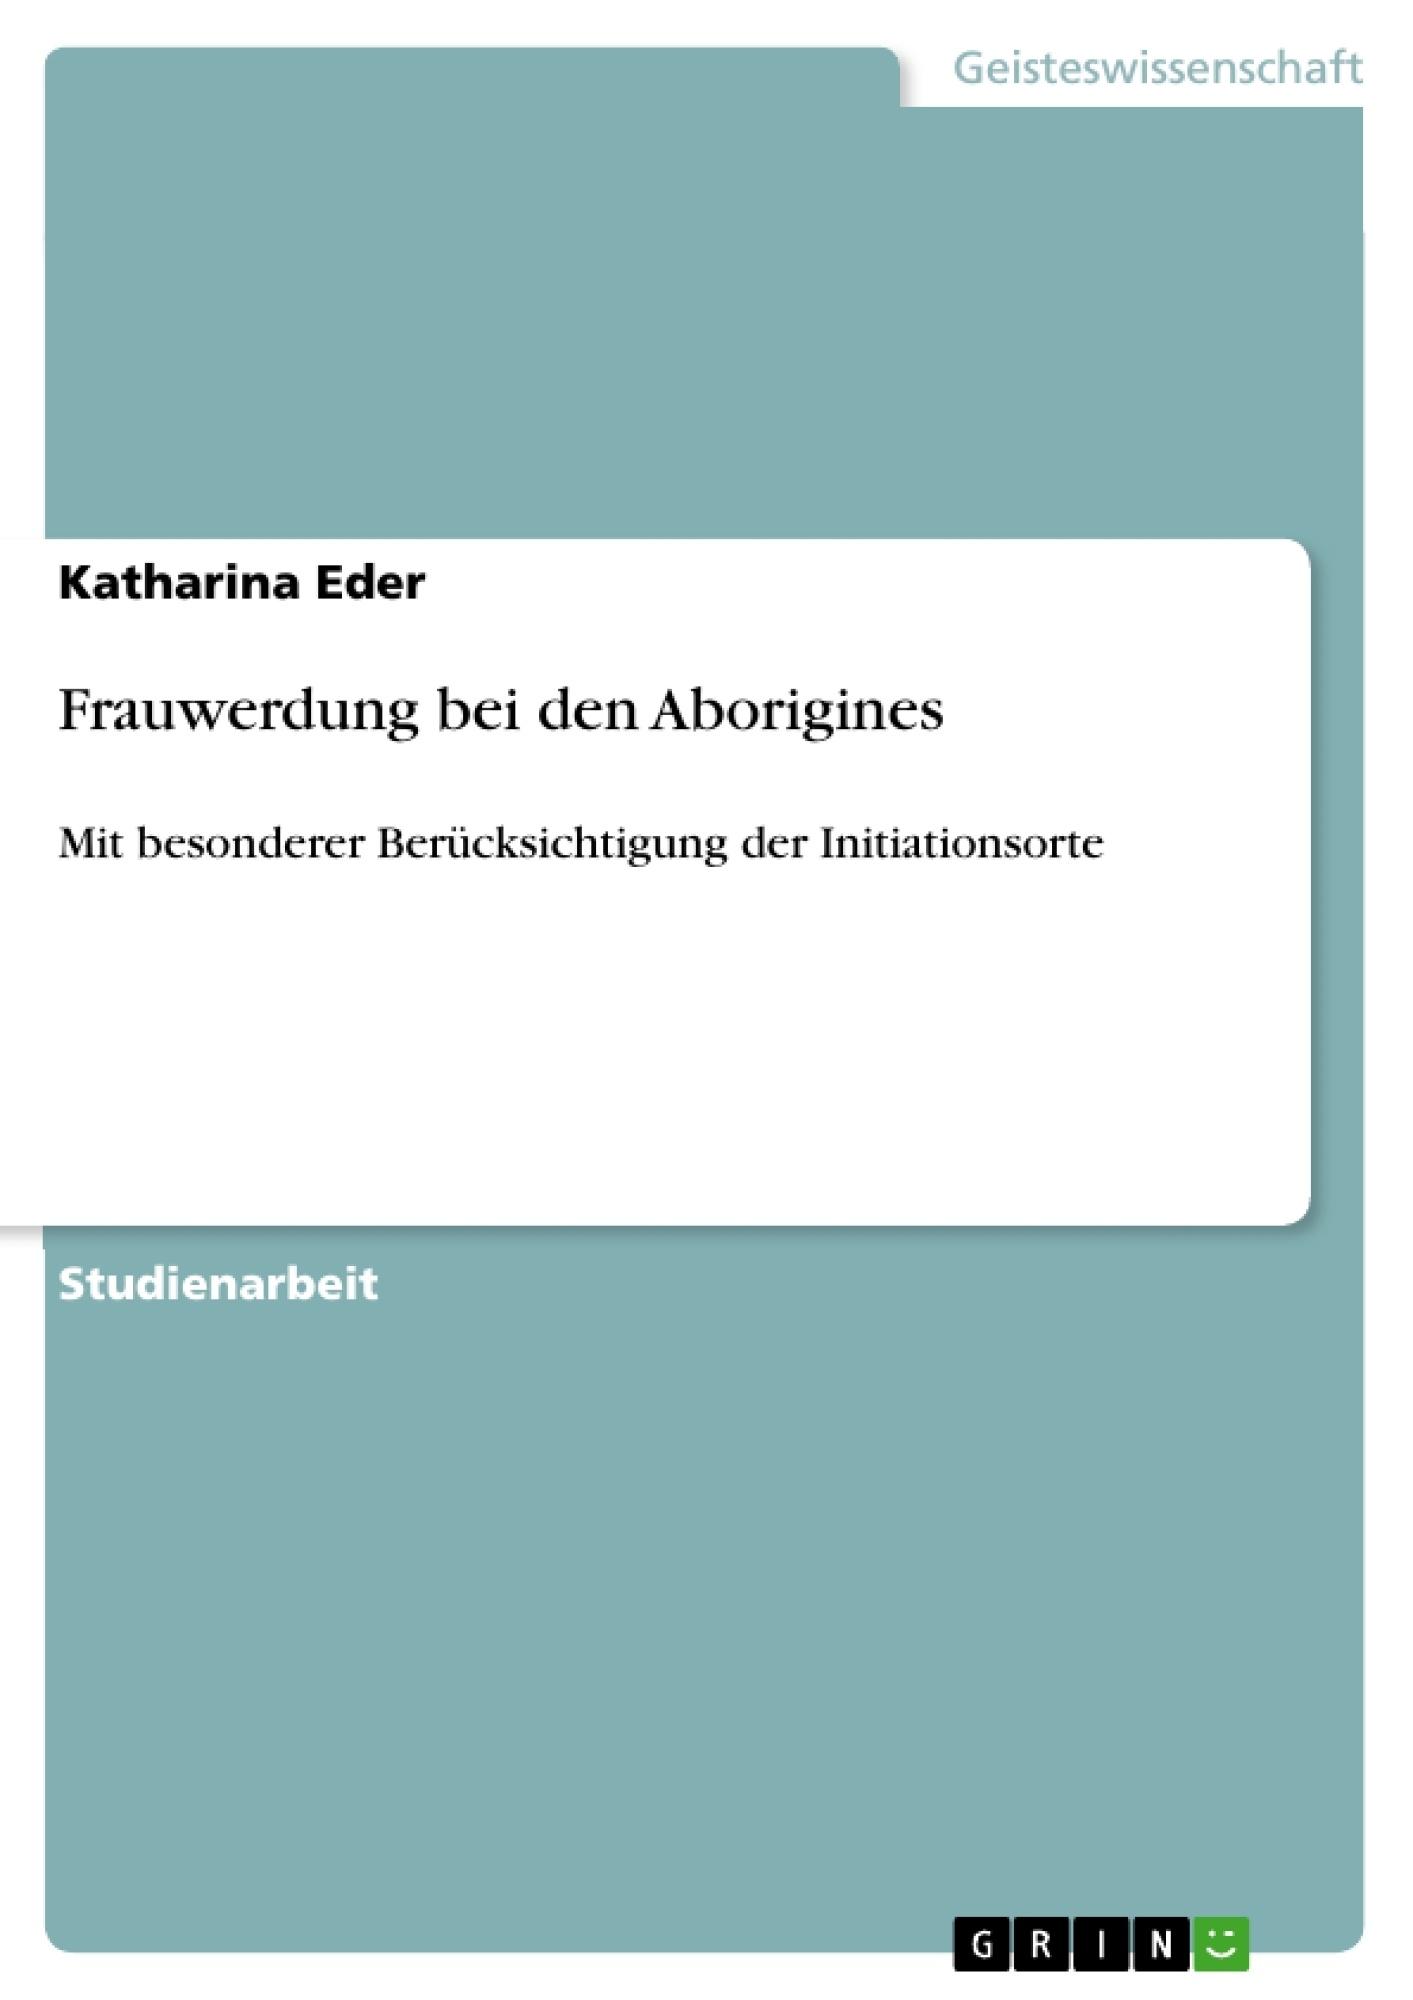 Titel: Frauwerdung bei den Aborigines